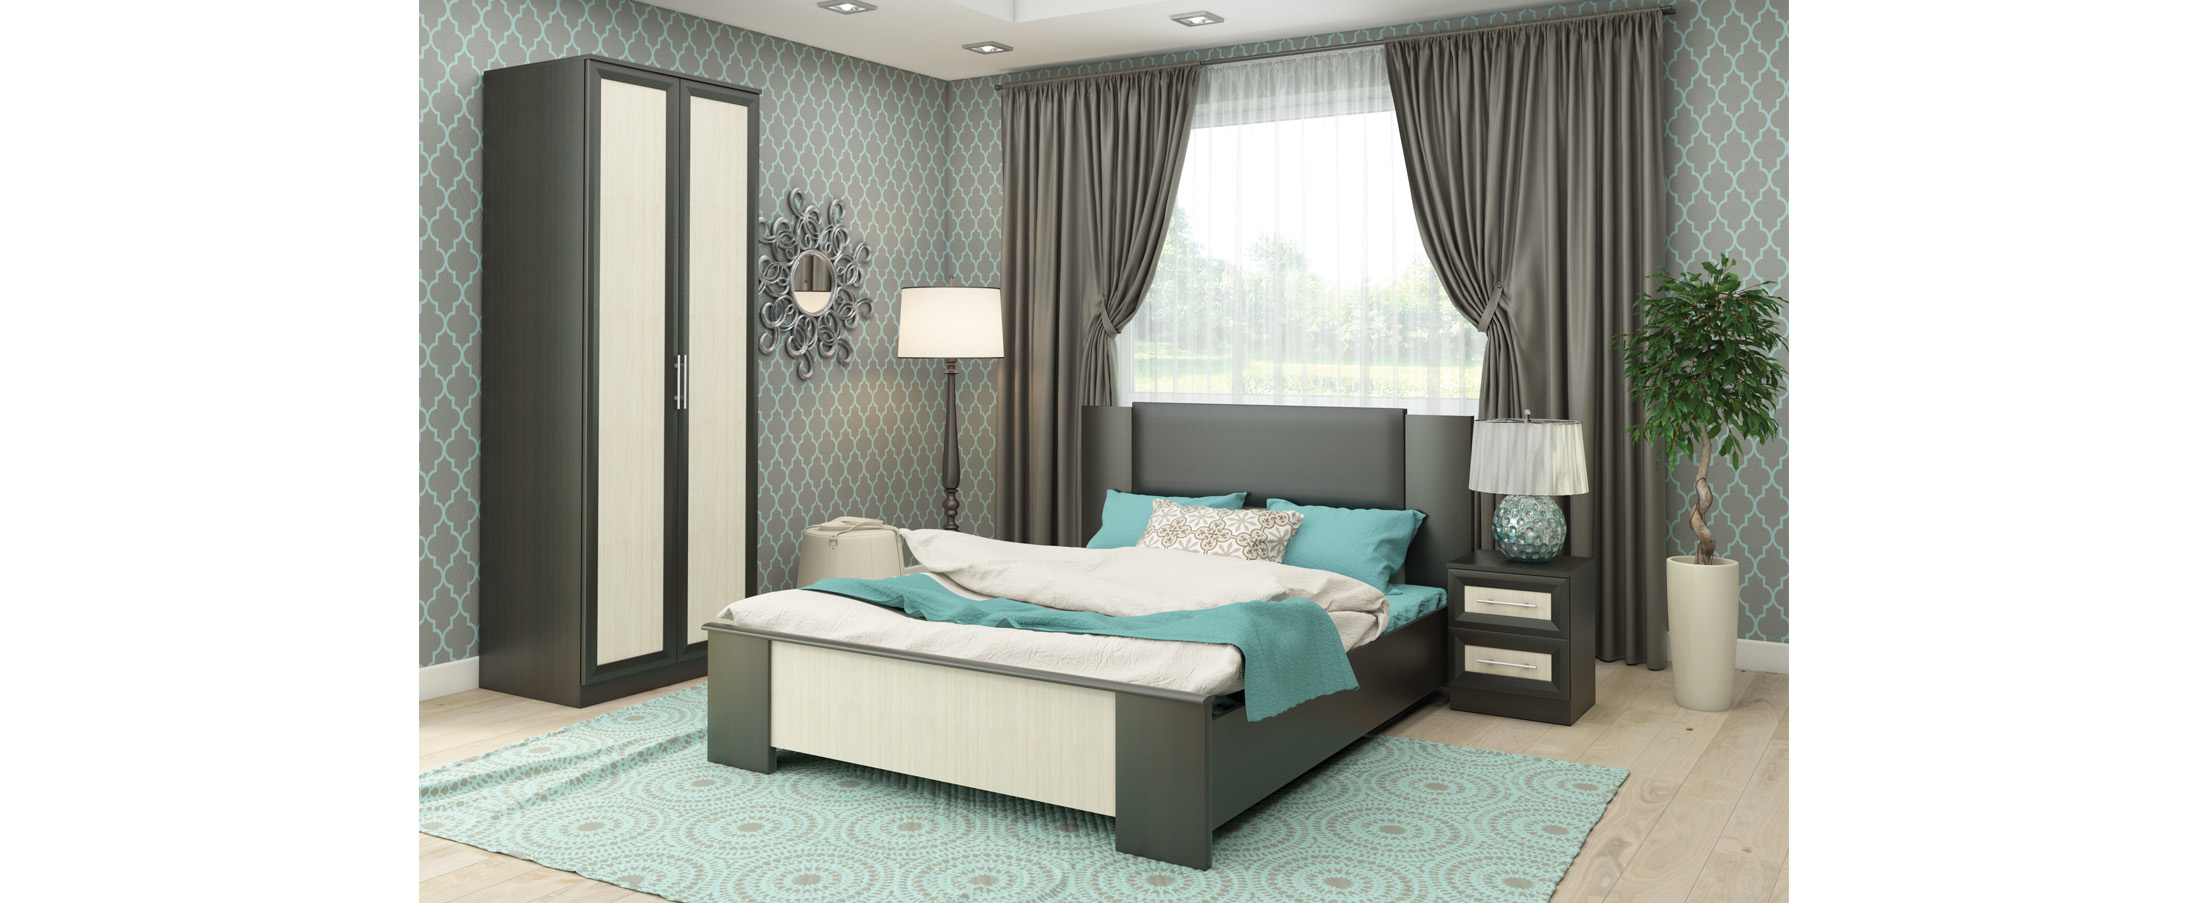 Спальня Юлианна 1 Модель 337 от MOON TRADE